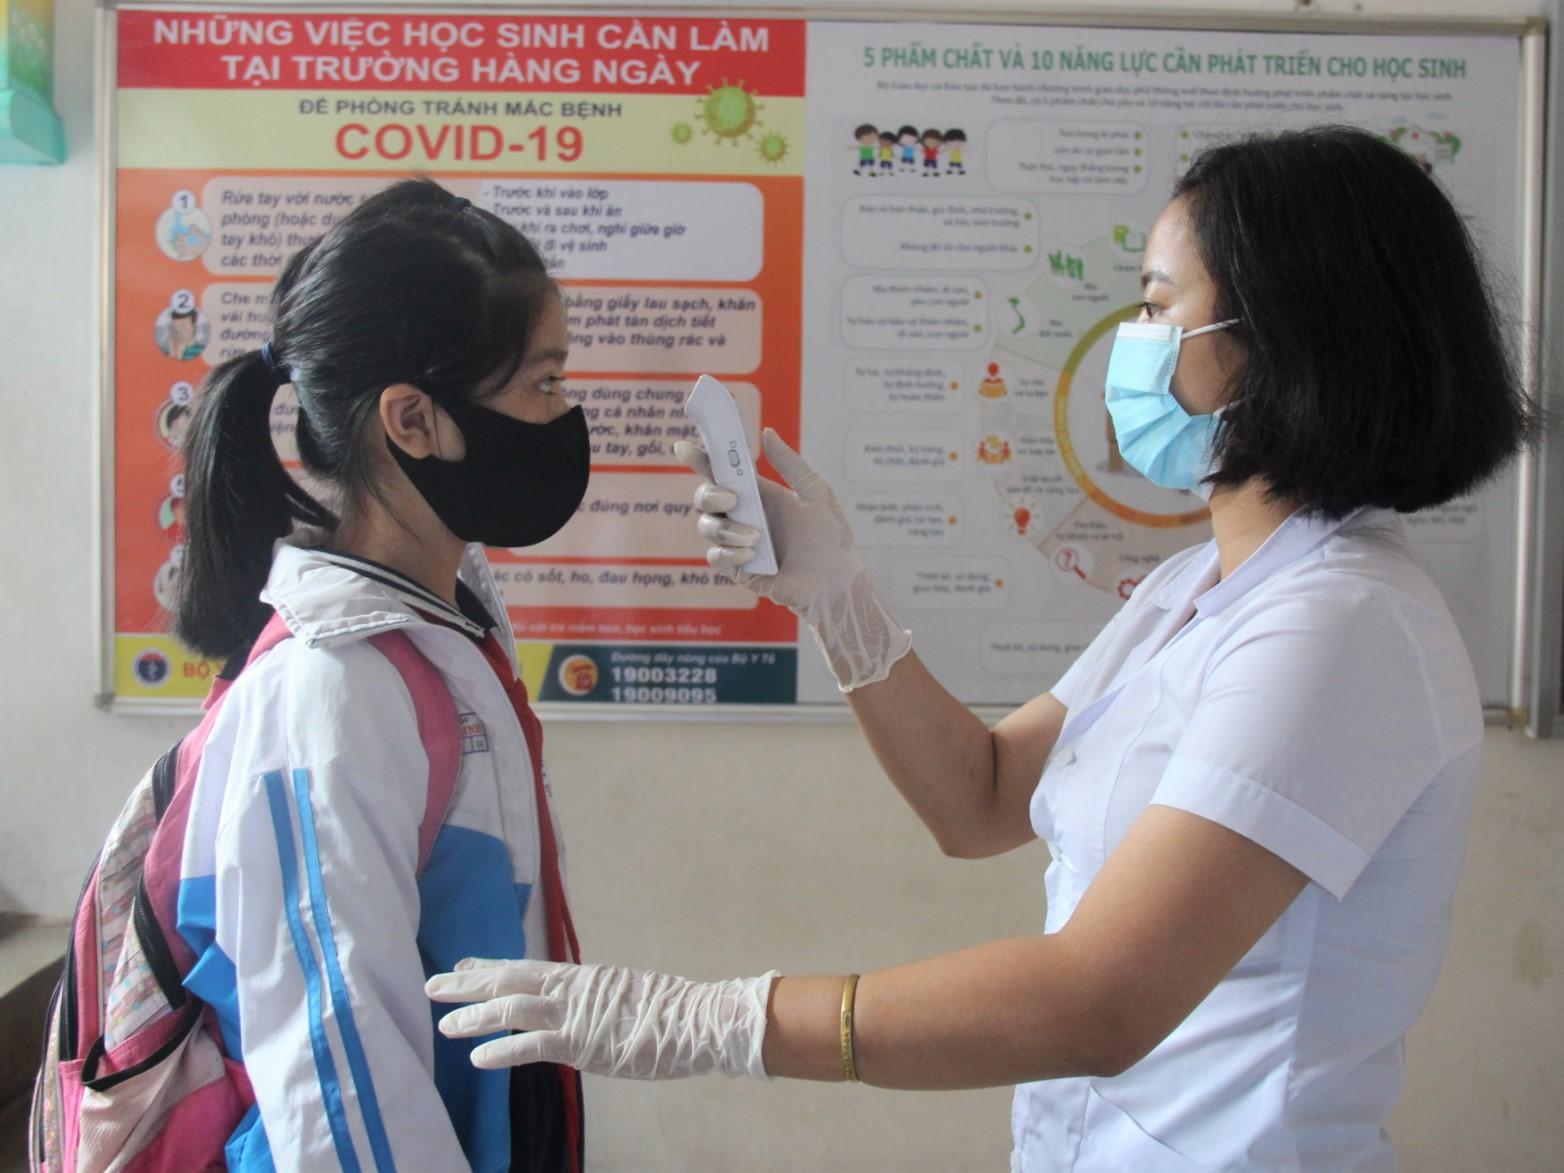 Học sinh đi học trở lại sau kỳ nghỉ dài phòng dịch Covid-19